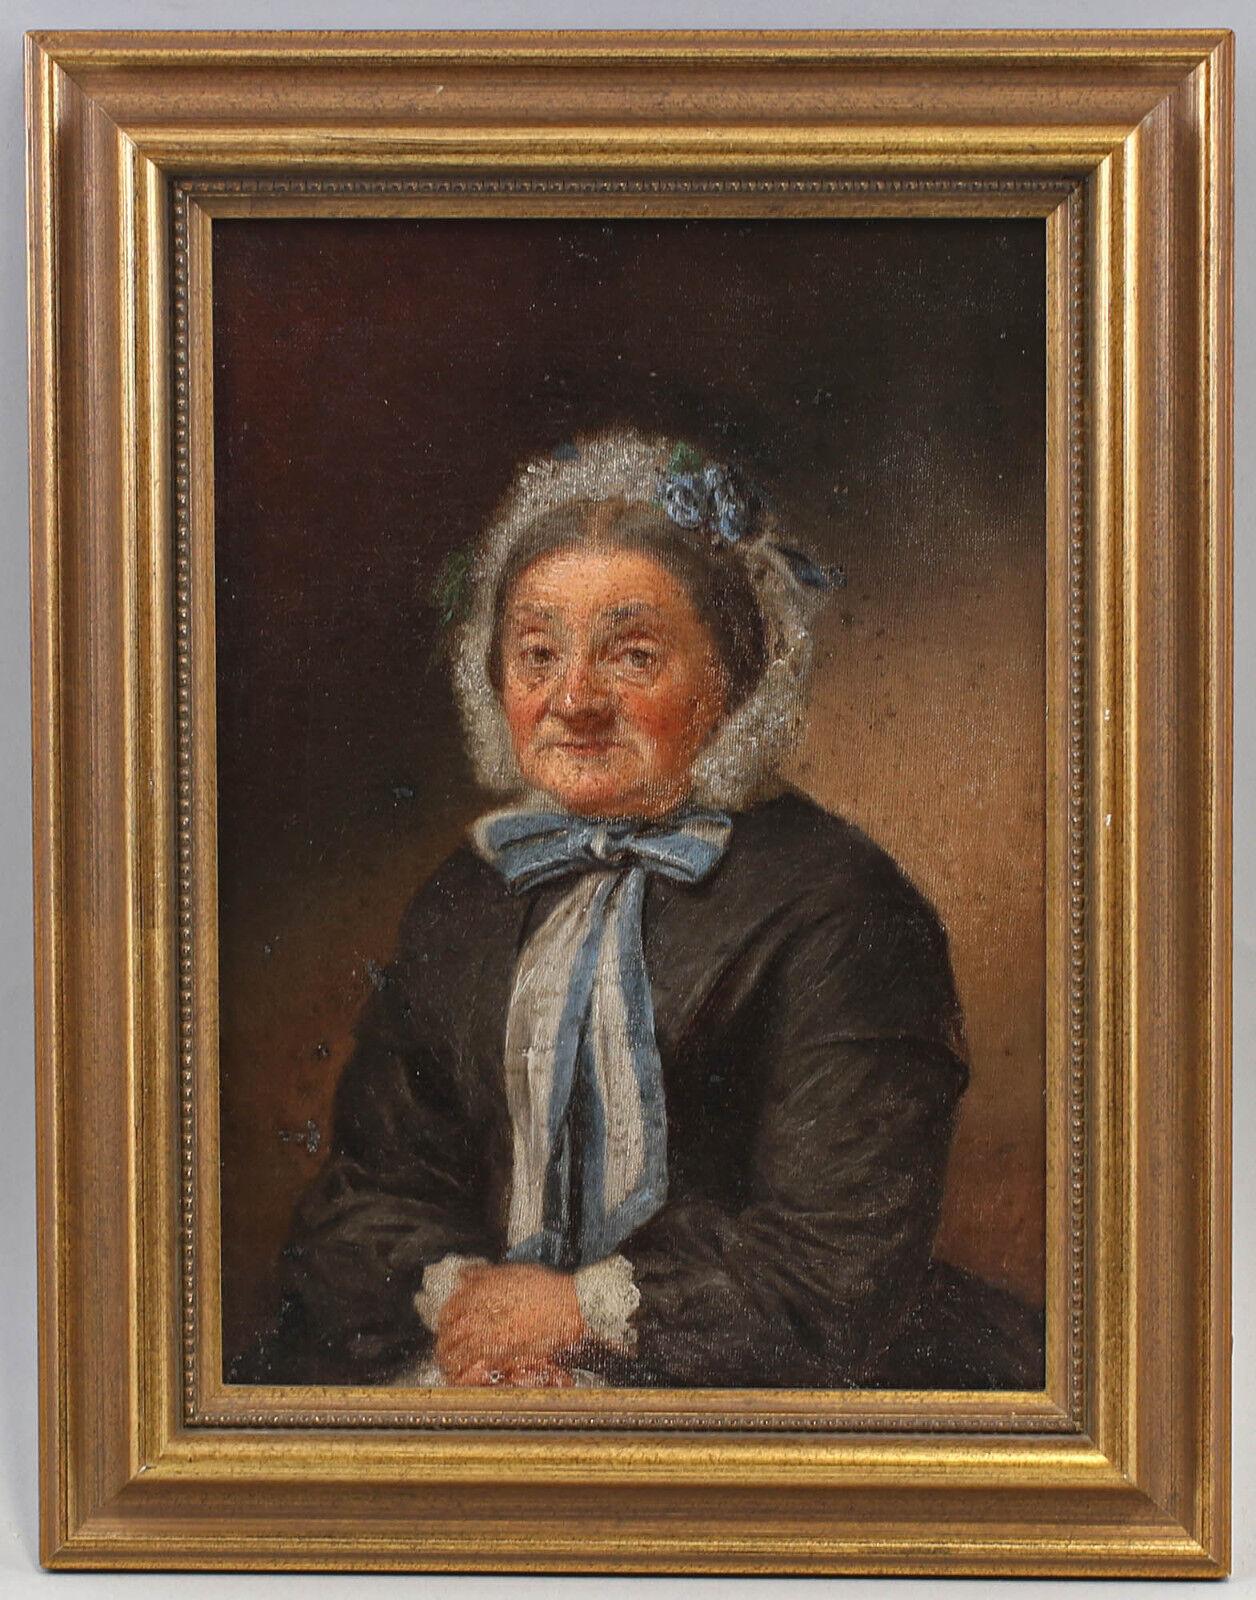 8260046 HUILE-PEINTURES portrait une femme plus plus plus âgée en pointes Capot Mi 19. JH. | Online Store  | Une Performance Fiable  cb952b